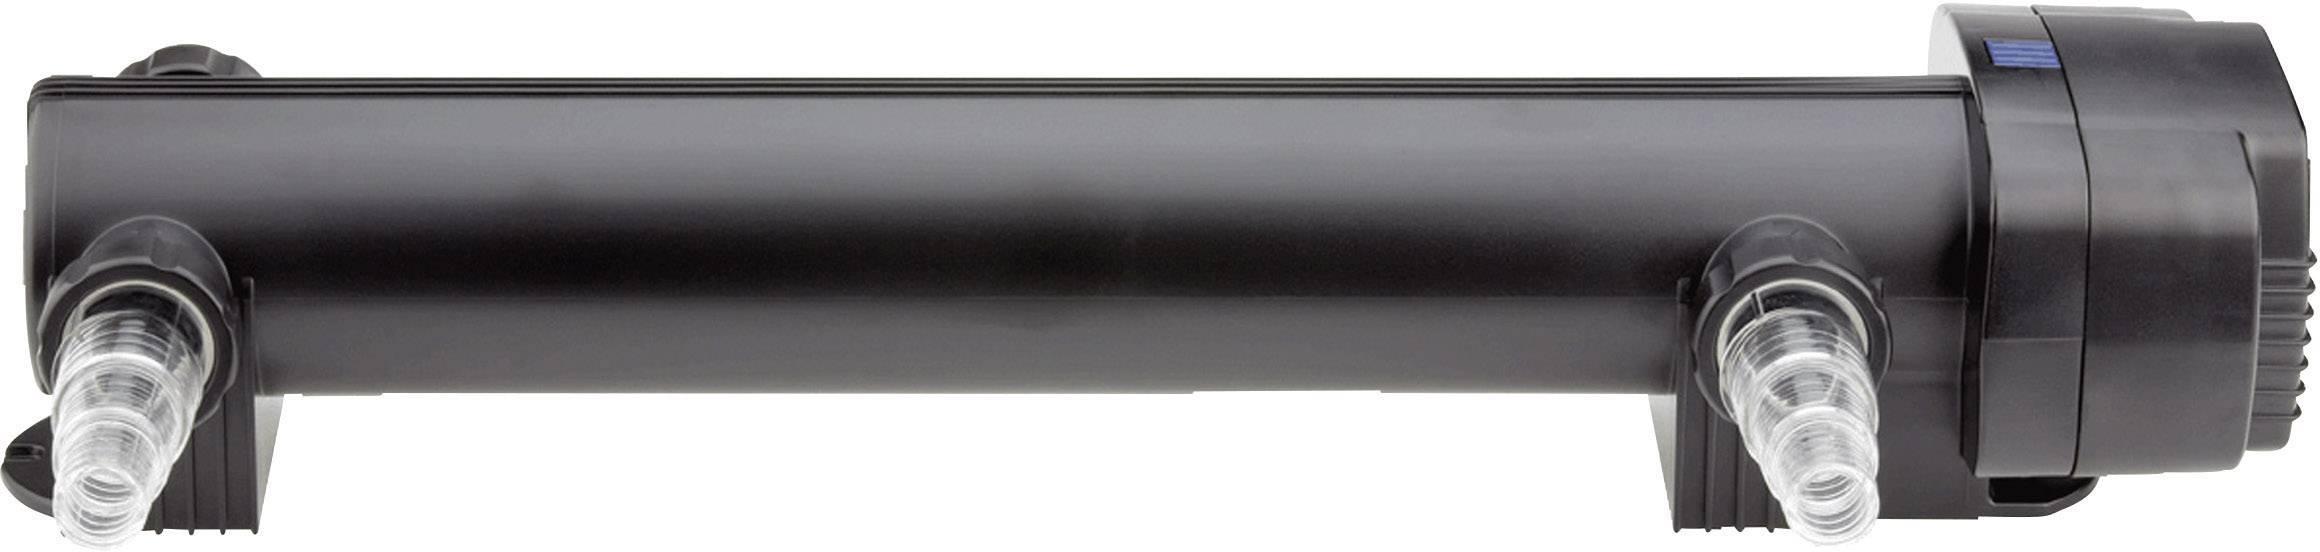 Jezírkové čistící zařízení s UV zářivkou Oase Vitronic, 55 W (57373)